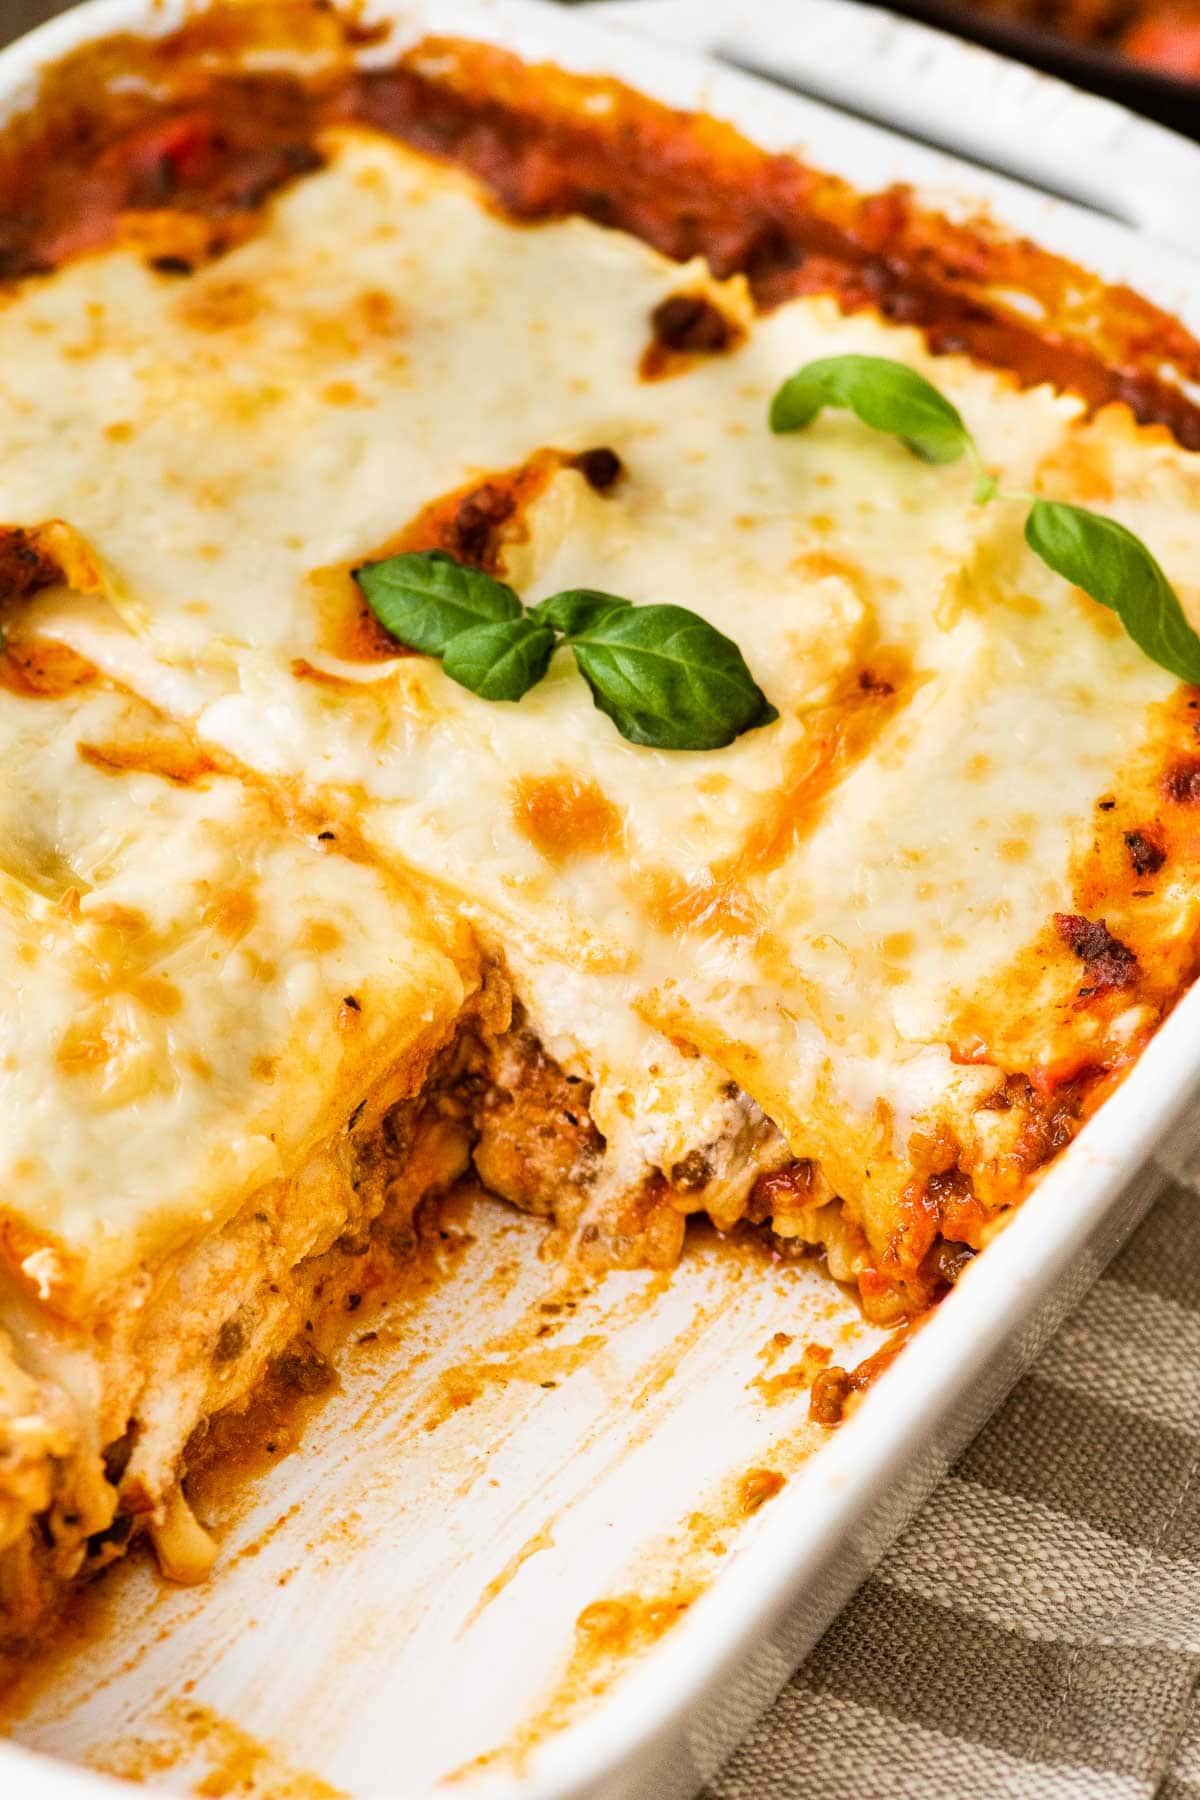 Ravioli Lasagna Bake in baking dish